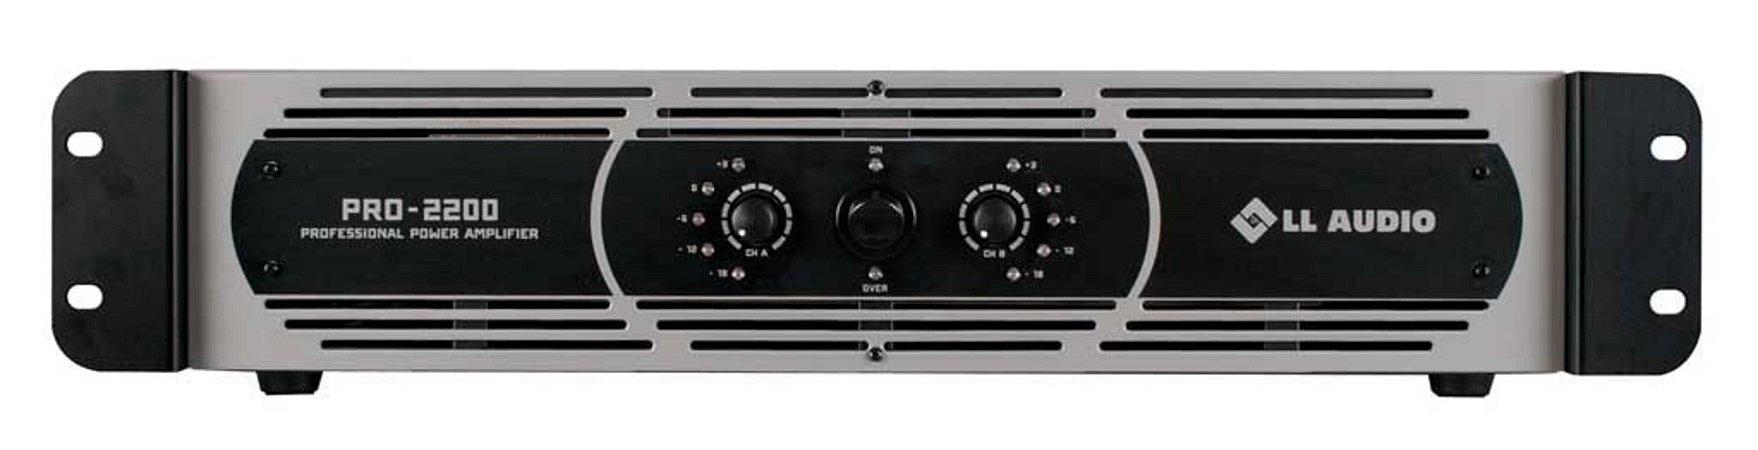 Amplificador de Potência PRO 2200 LL Áudio